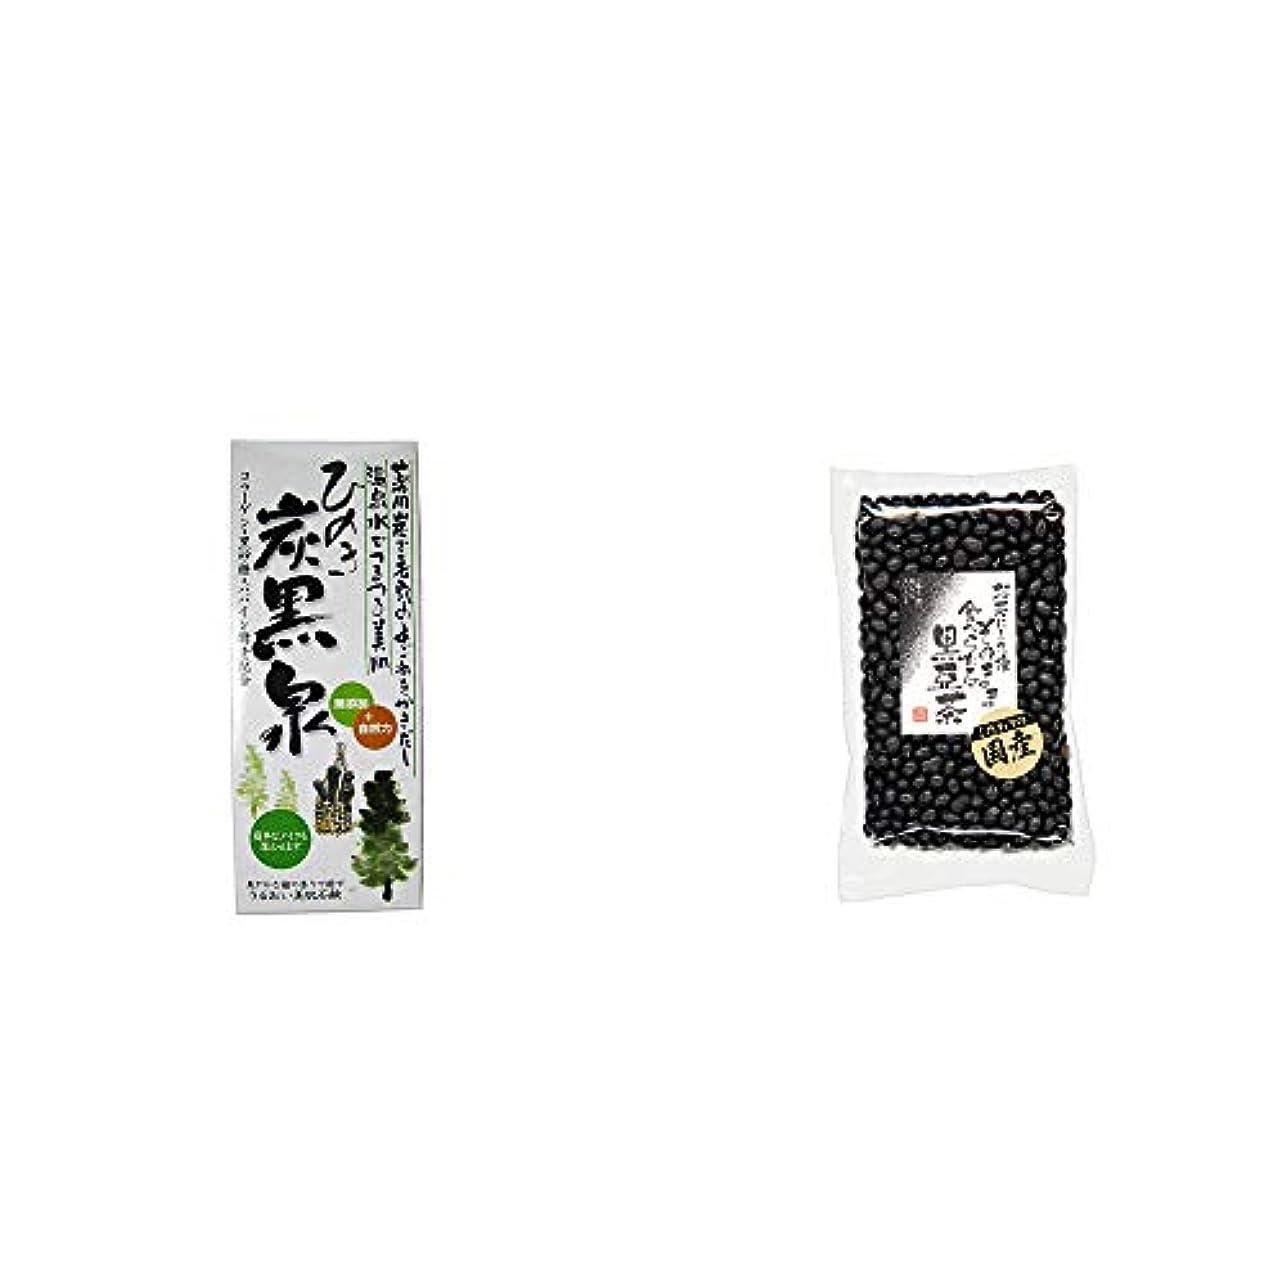 硬さ神の硬化する[2点セット] ひのき炭黒泉 箱入り(75g×3)?国産 黒豆茶(200g)